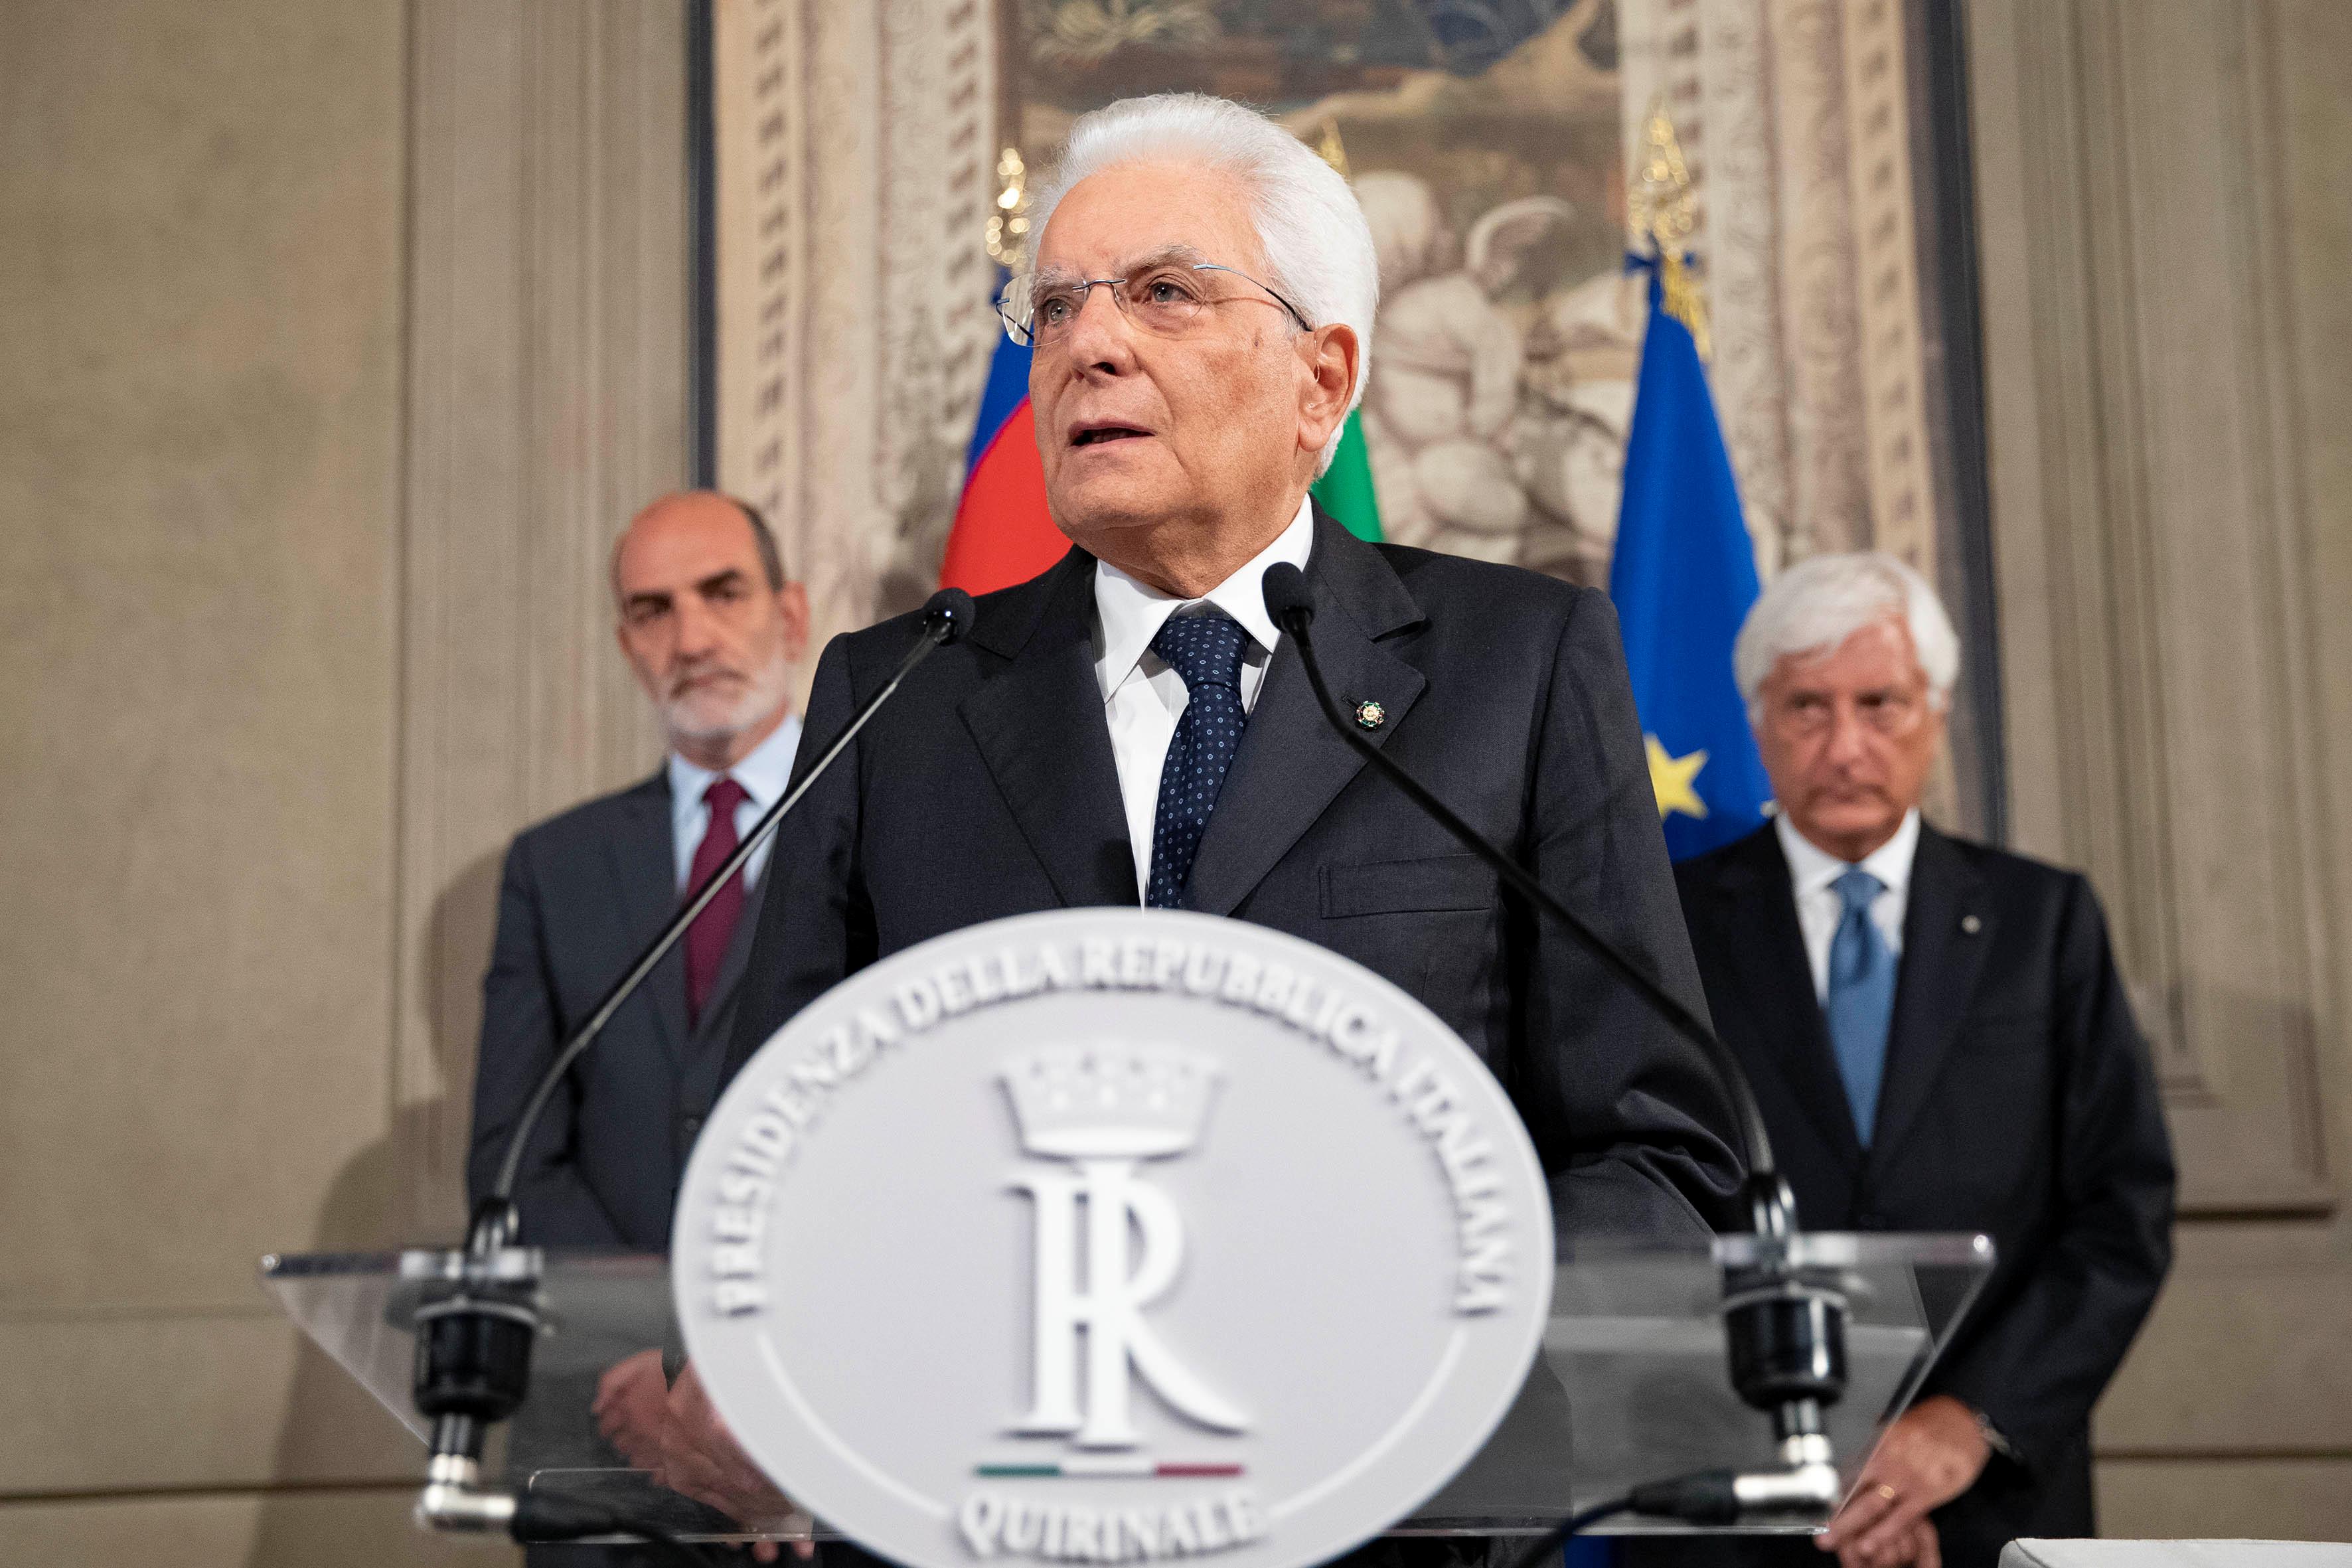 Ιταλία: O Σέρτζιο Ματαρέλα ψάχνει να νοικιάσει σπίτι στη Ρώμη